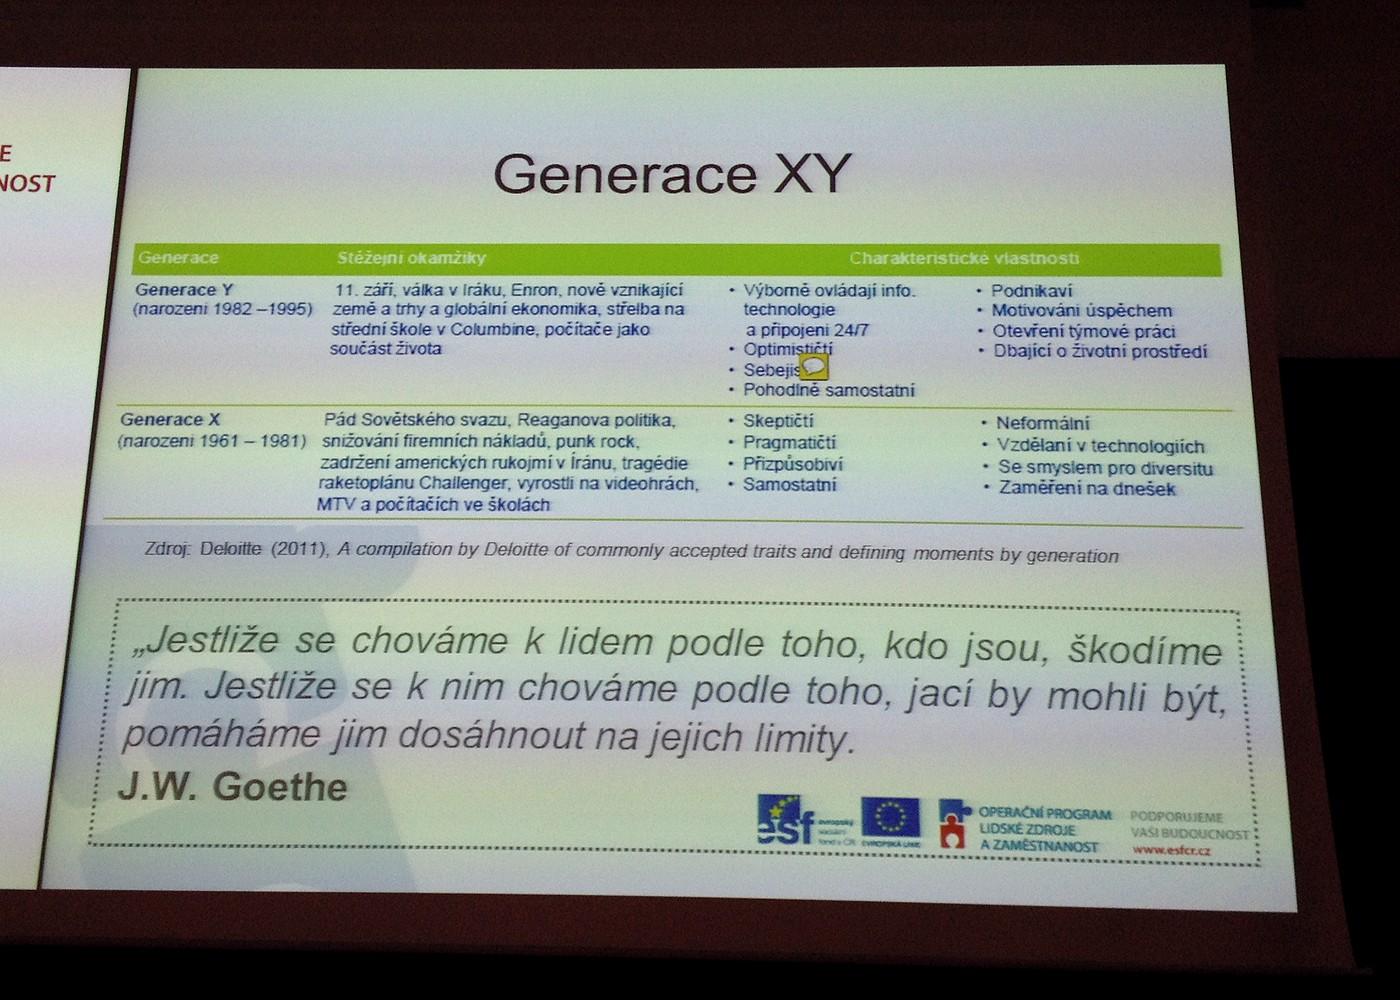 Rozdíly mezi Generací X a Generací Y (prezentace Z. Šidlichovské)